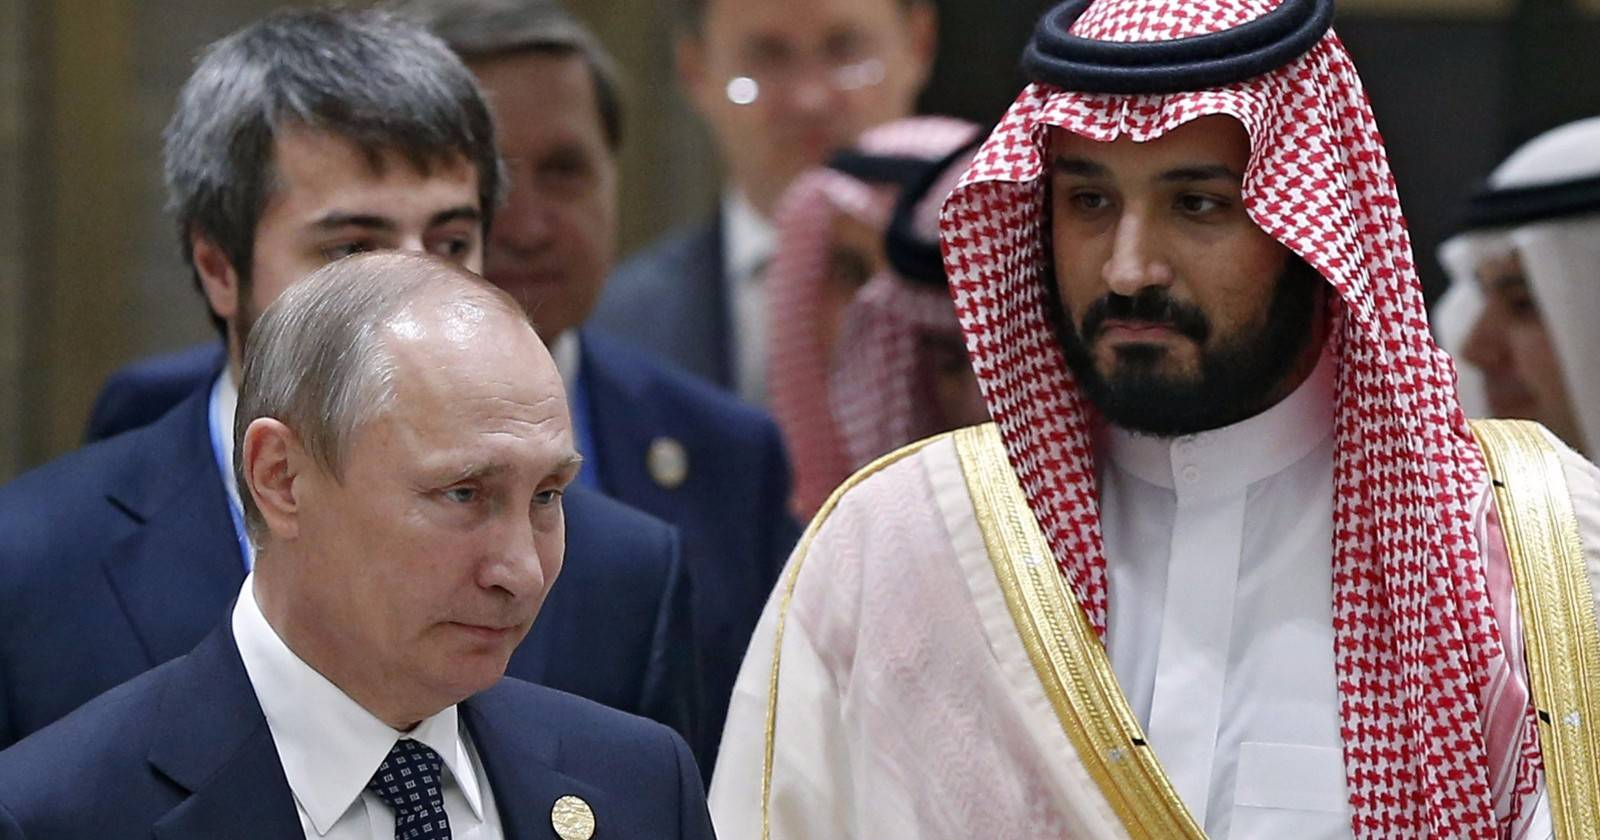 沙特和俄罗斯在石油战略上再次出现分歧